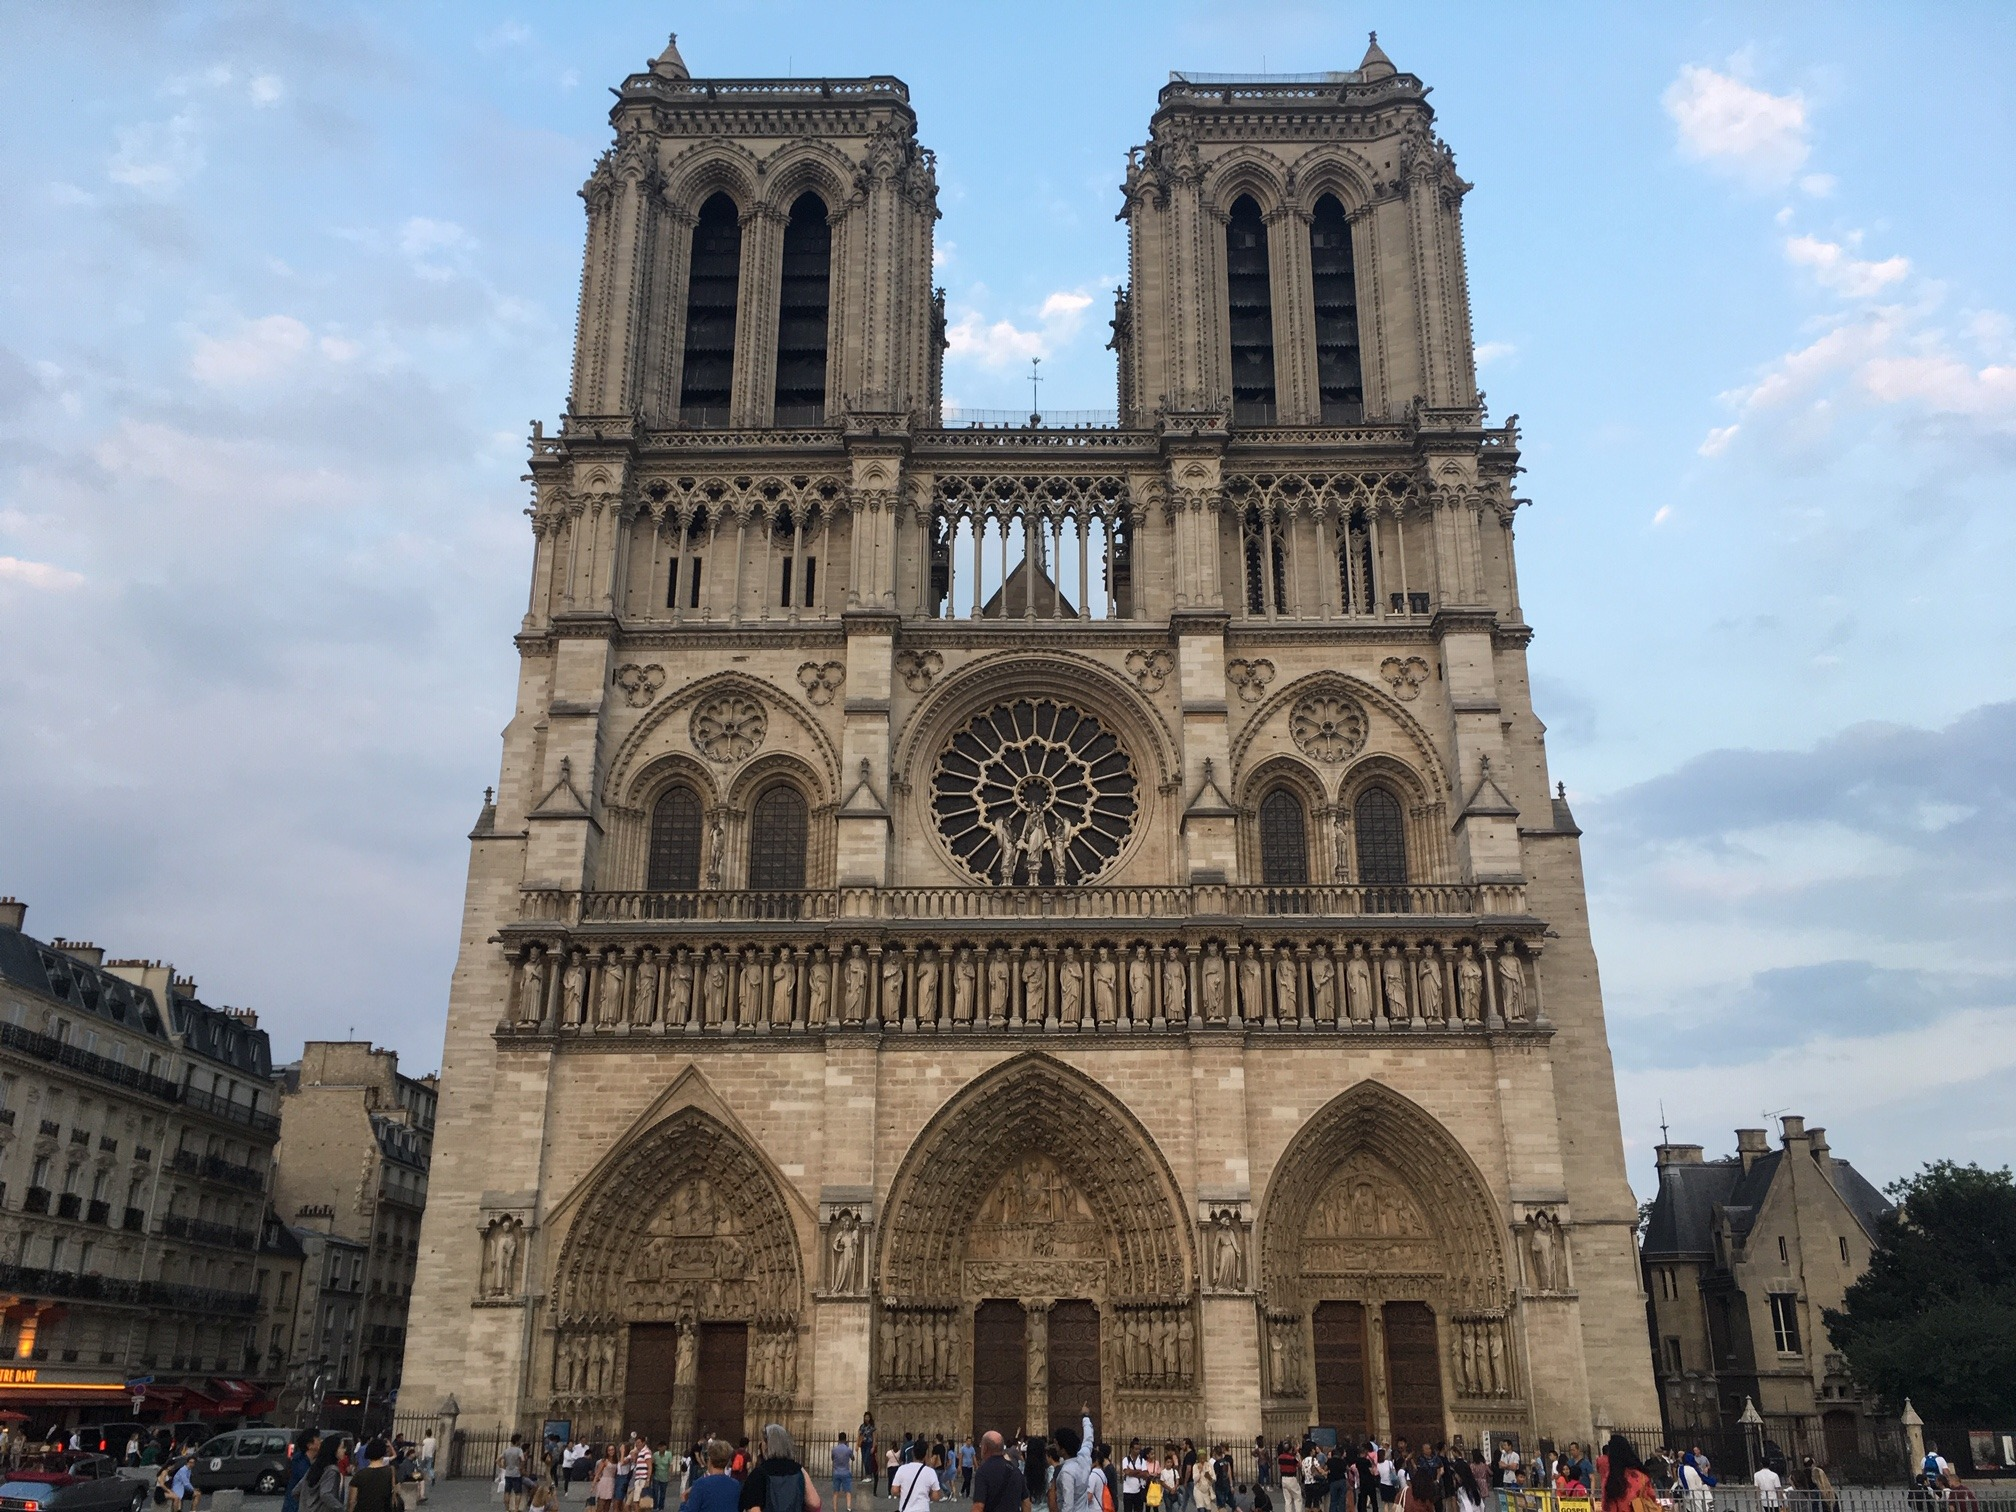 Comitê Olímpico Internacional (COI) doa R$ 2,2 mi para reconstrução de Notre Dame